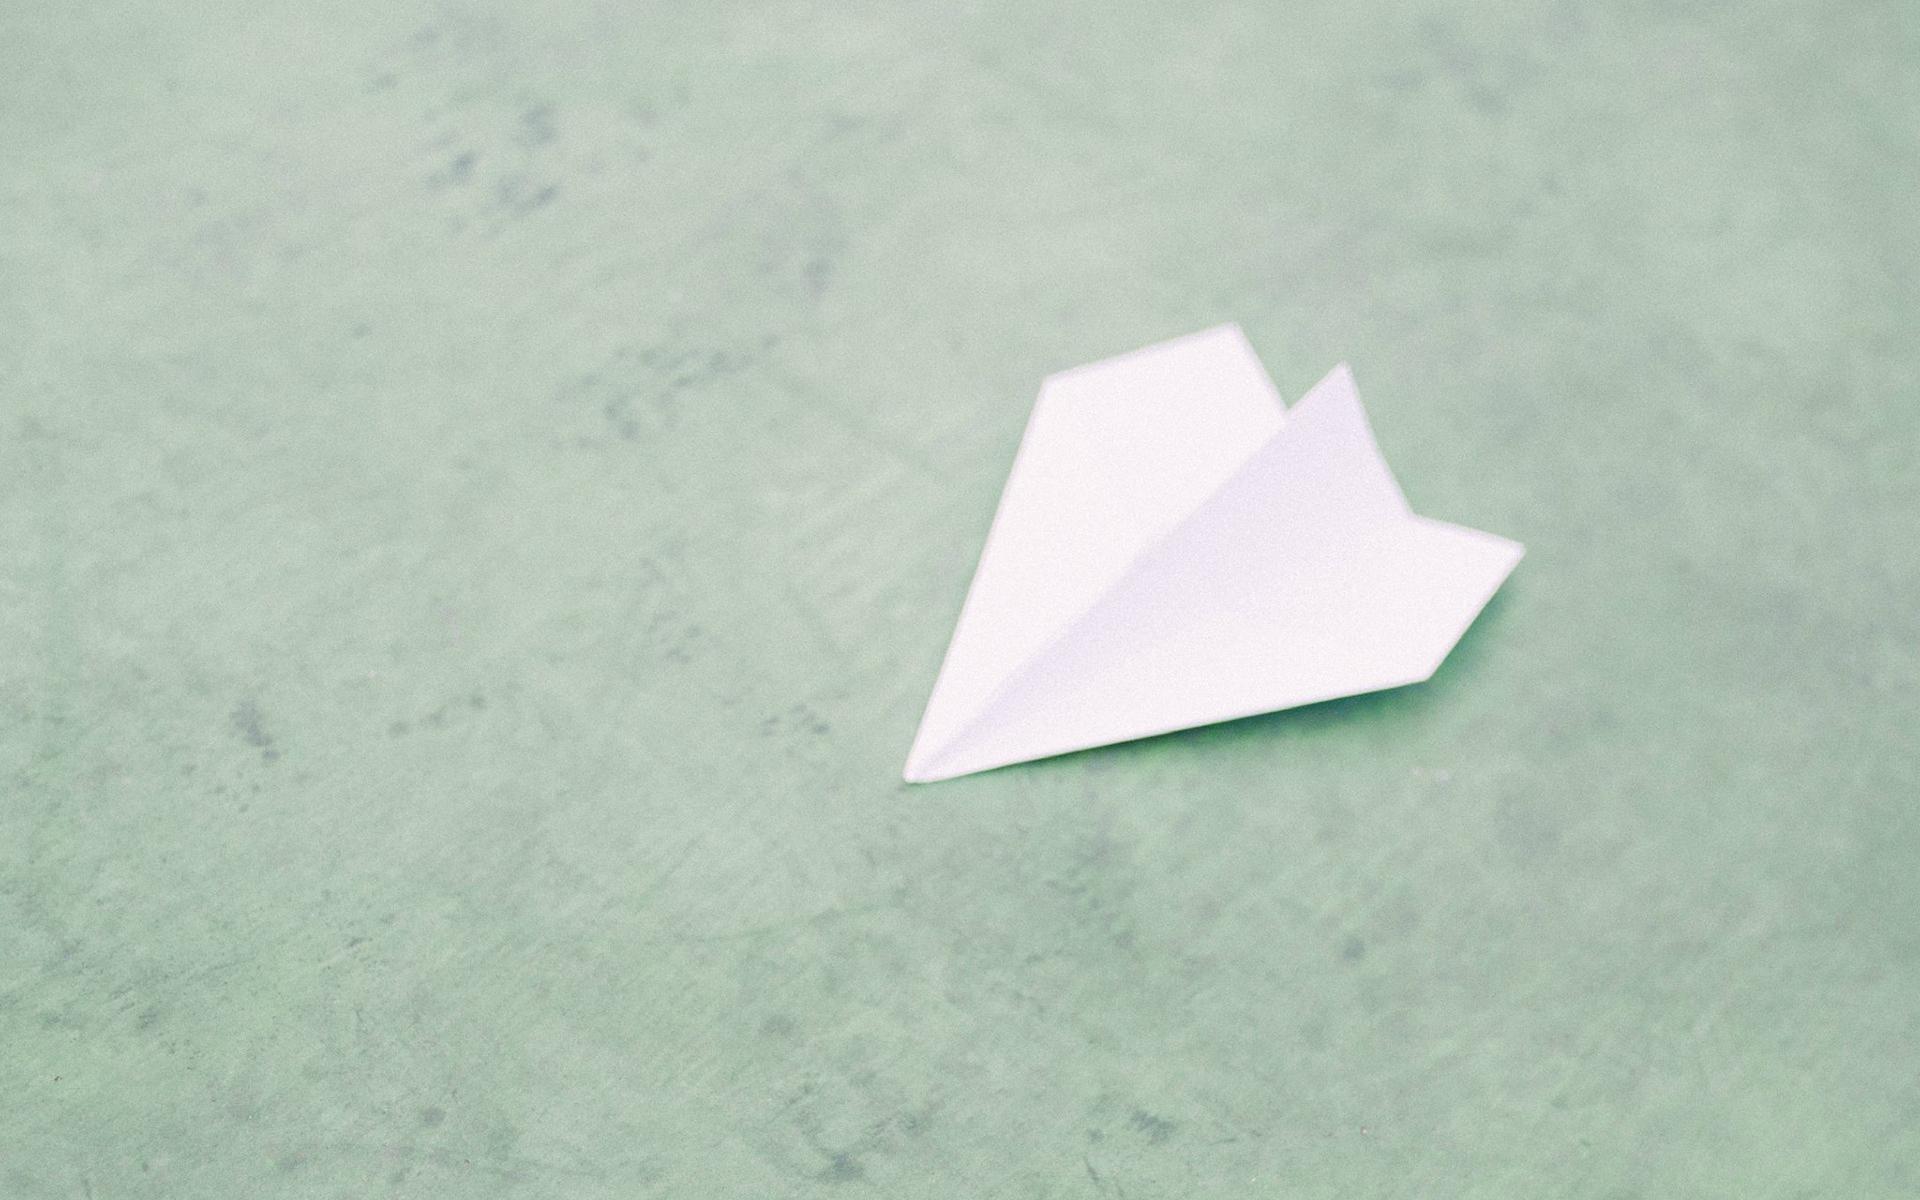 非主流日系纸飞机ppt背景图片下载_幻灯片模板免费下载